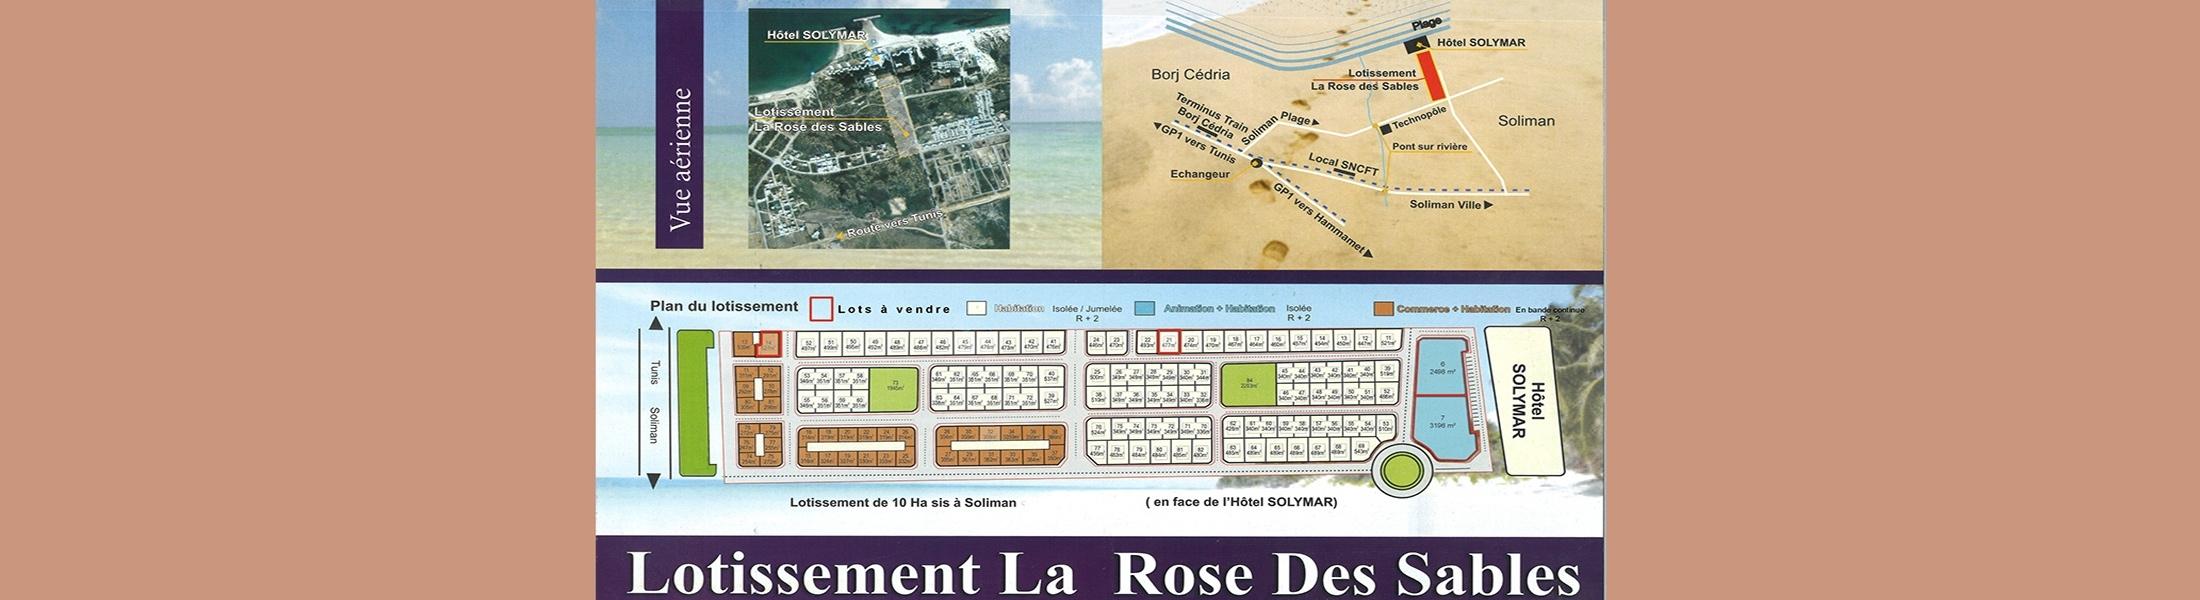 المقسم الفل 3 بسليمان الشاطئ - نابل (طلب العروض عدد 03 لسنة 2021)